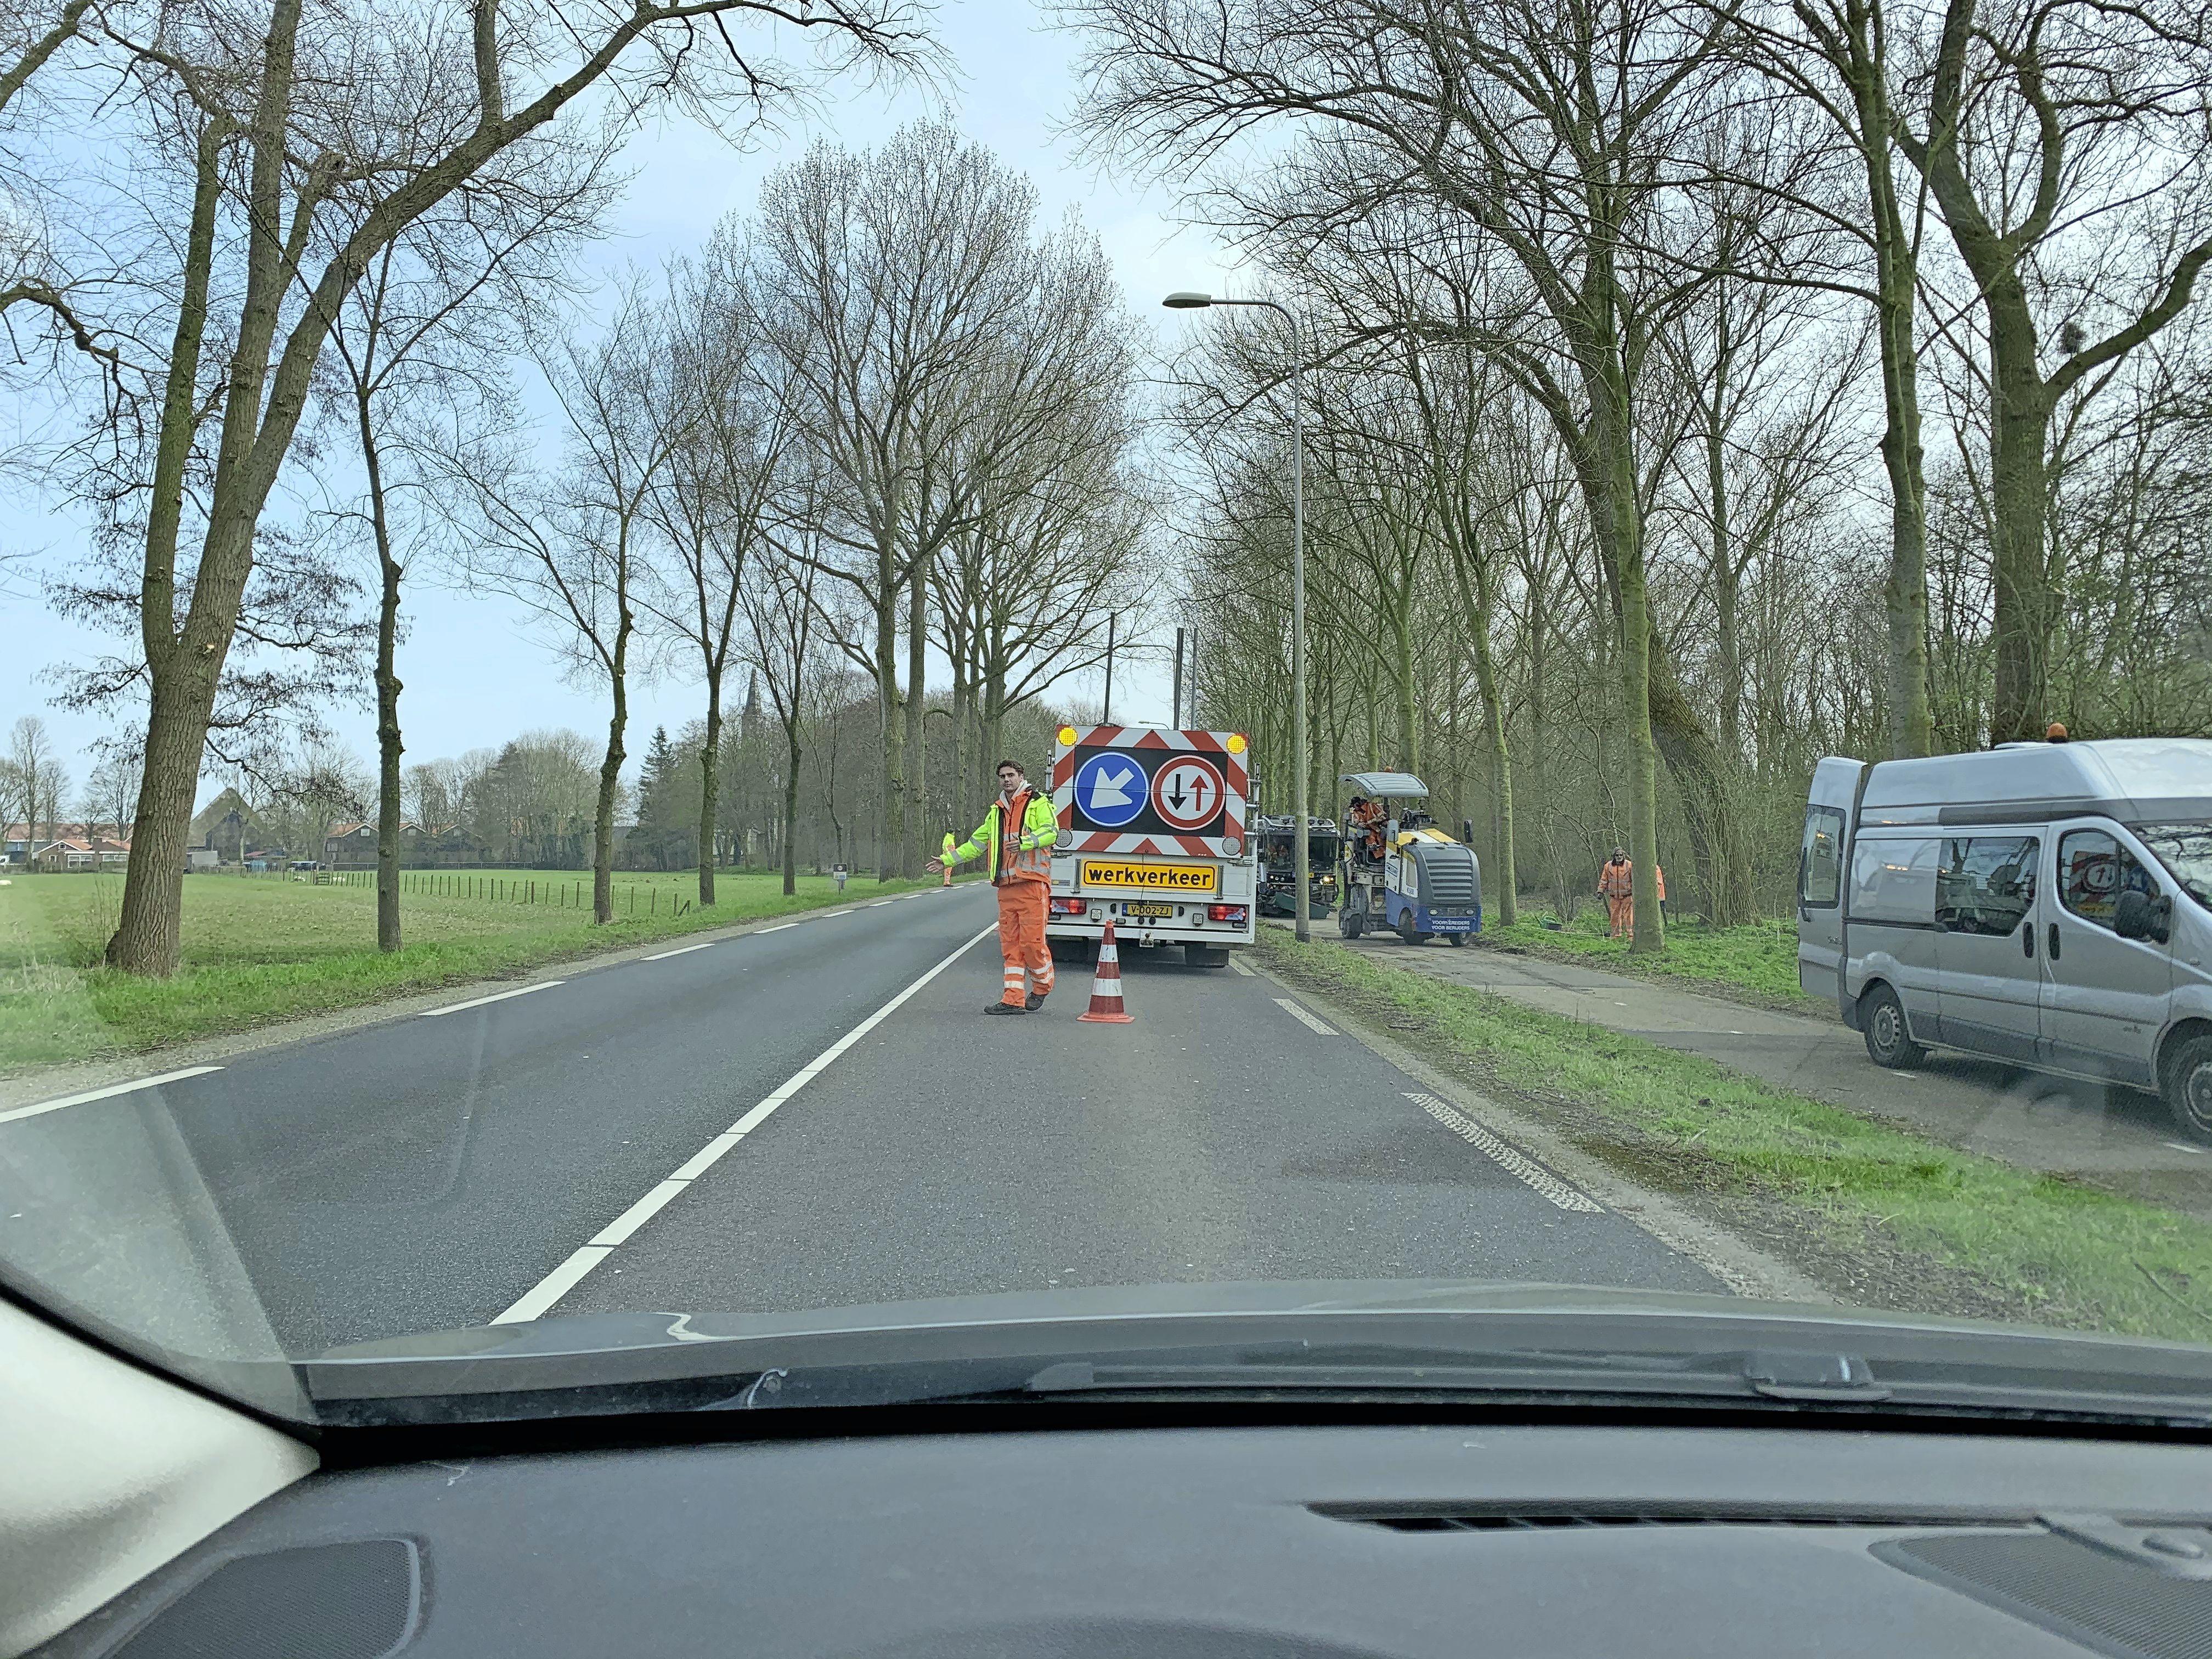 Suizend over de A.C. de Graafweg, met muziekje erbij. Fraai animatiefilmpje provincie toont forensen volledig vernieuwde weg [video]